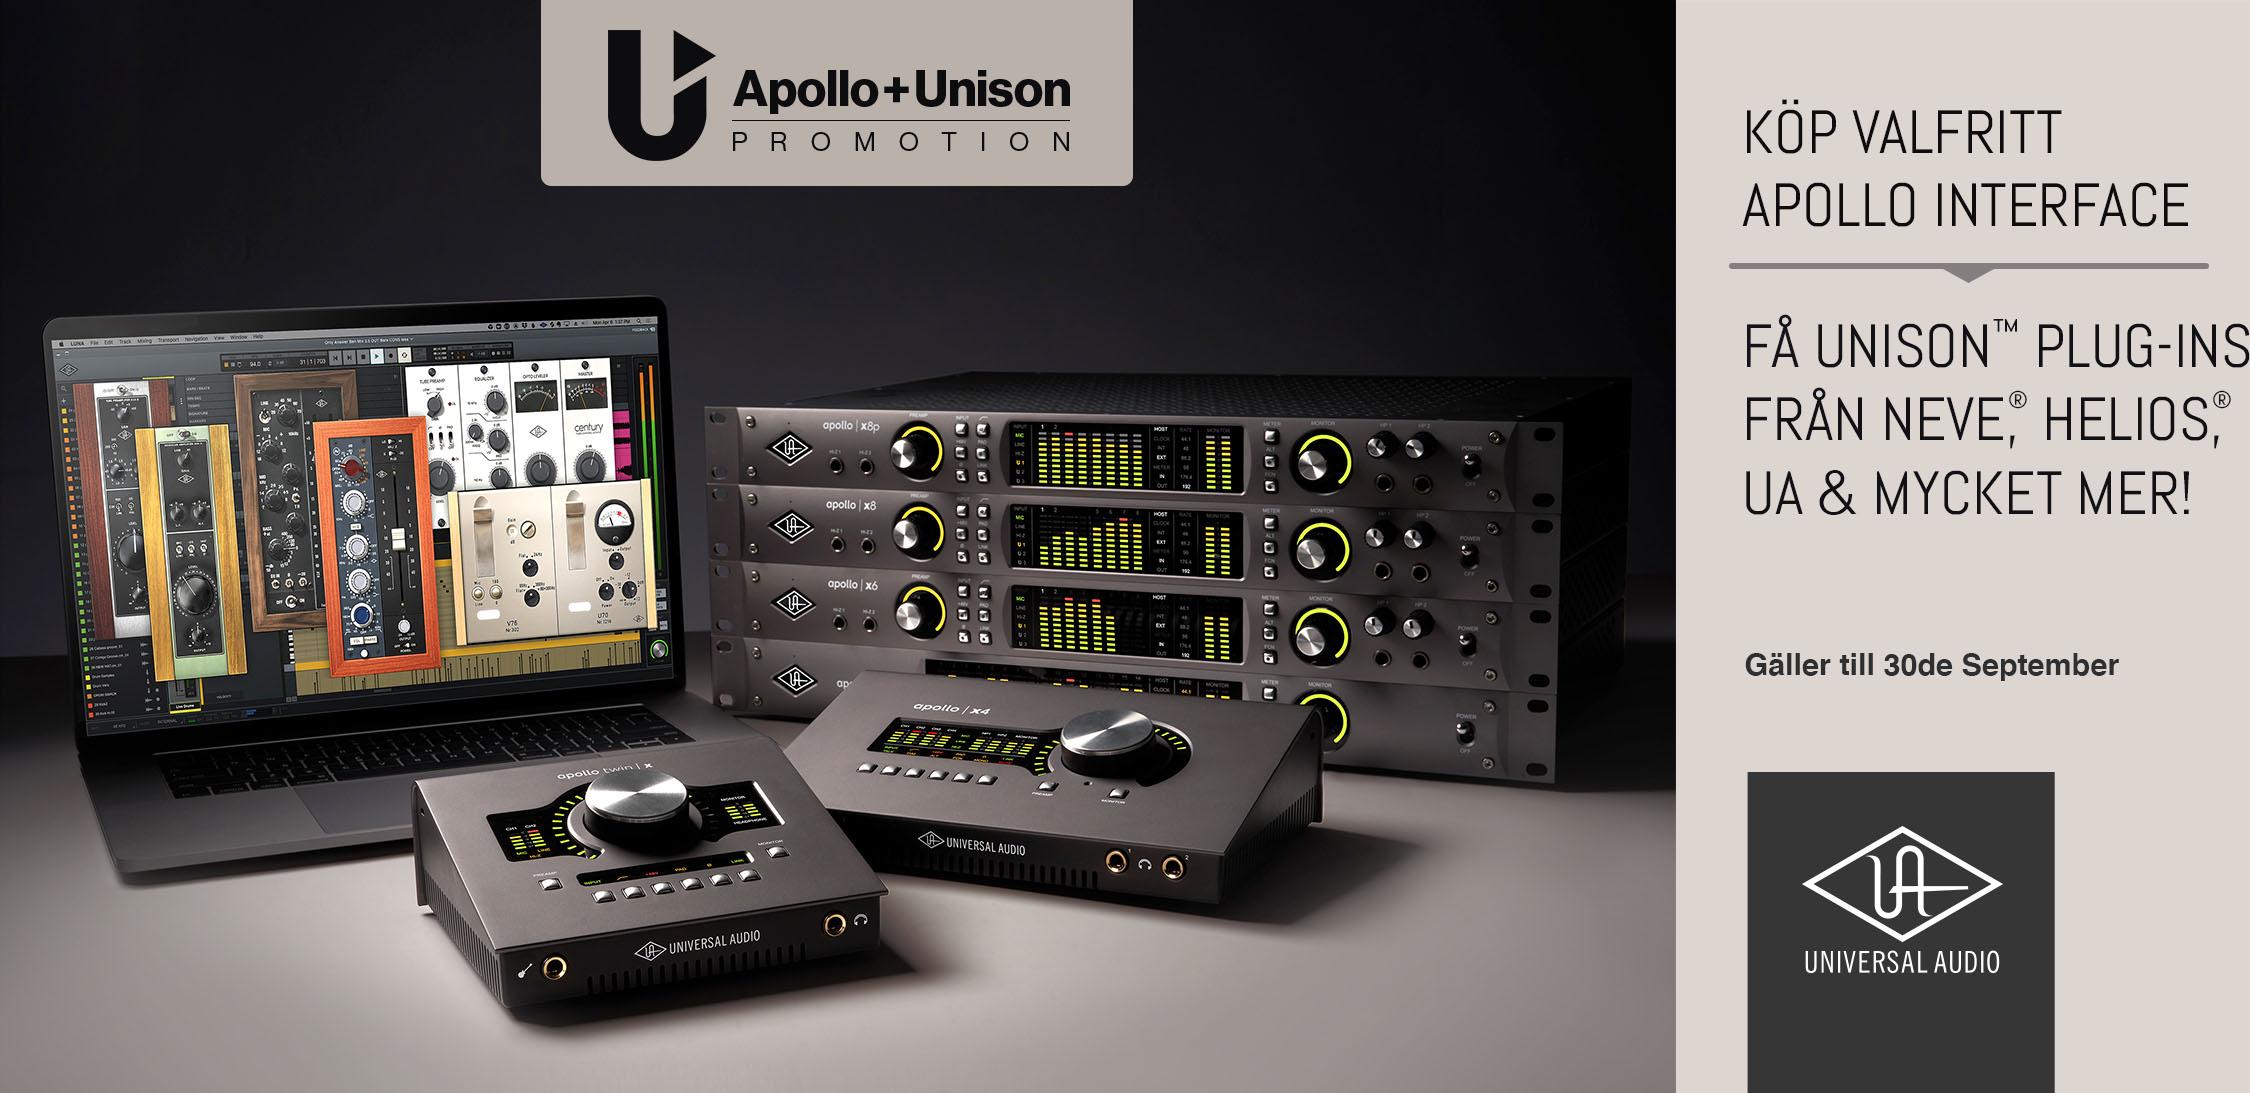 Universal Audio kampanj! Köp valfritt Apollo kort och få Unison Plug-ins från Neve, Helios, UA & mycket mer!